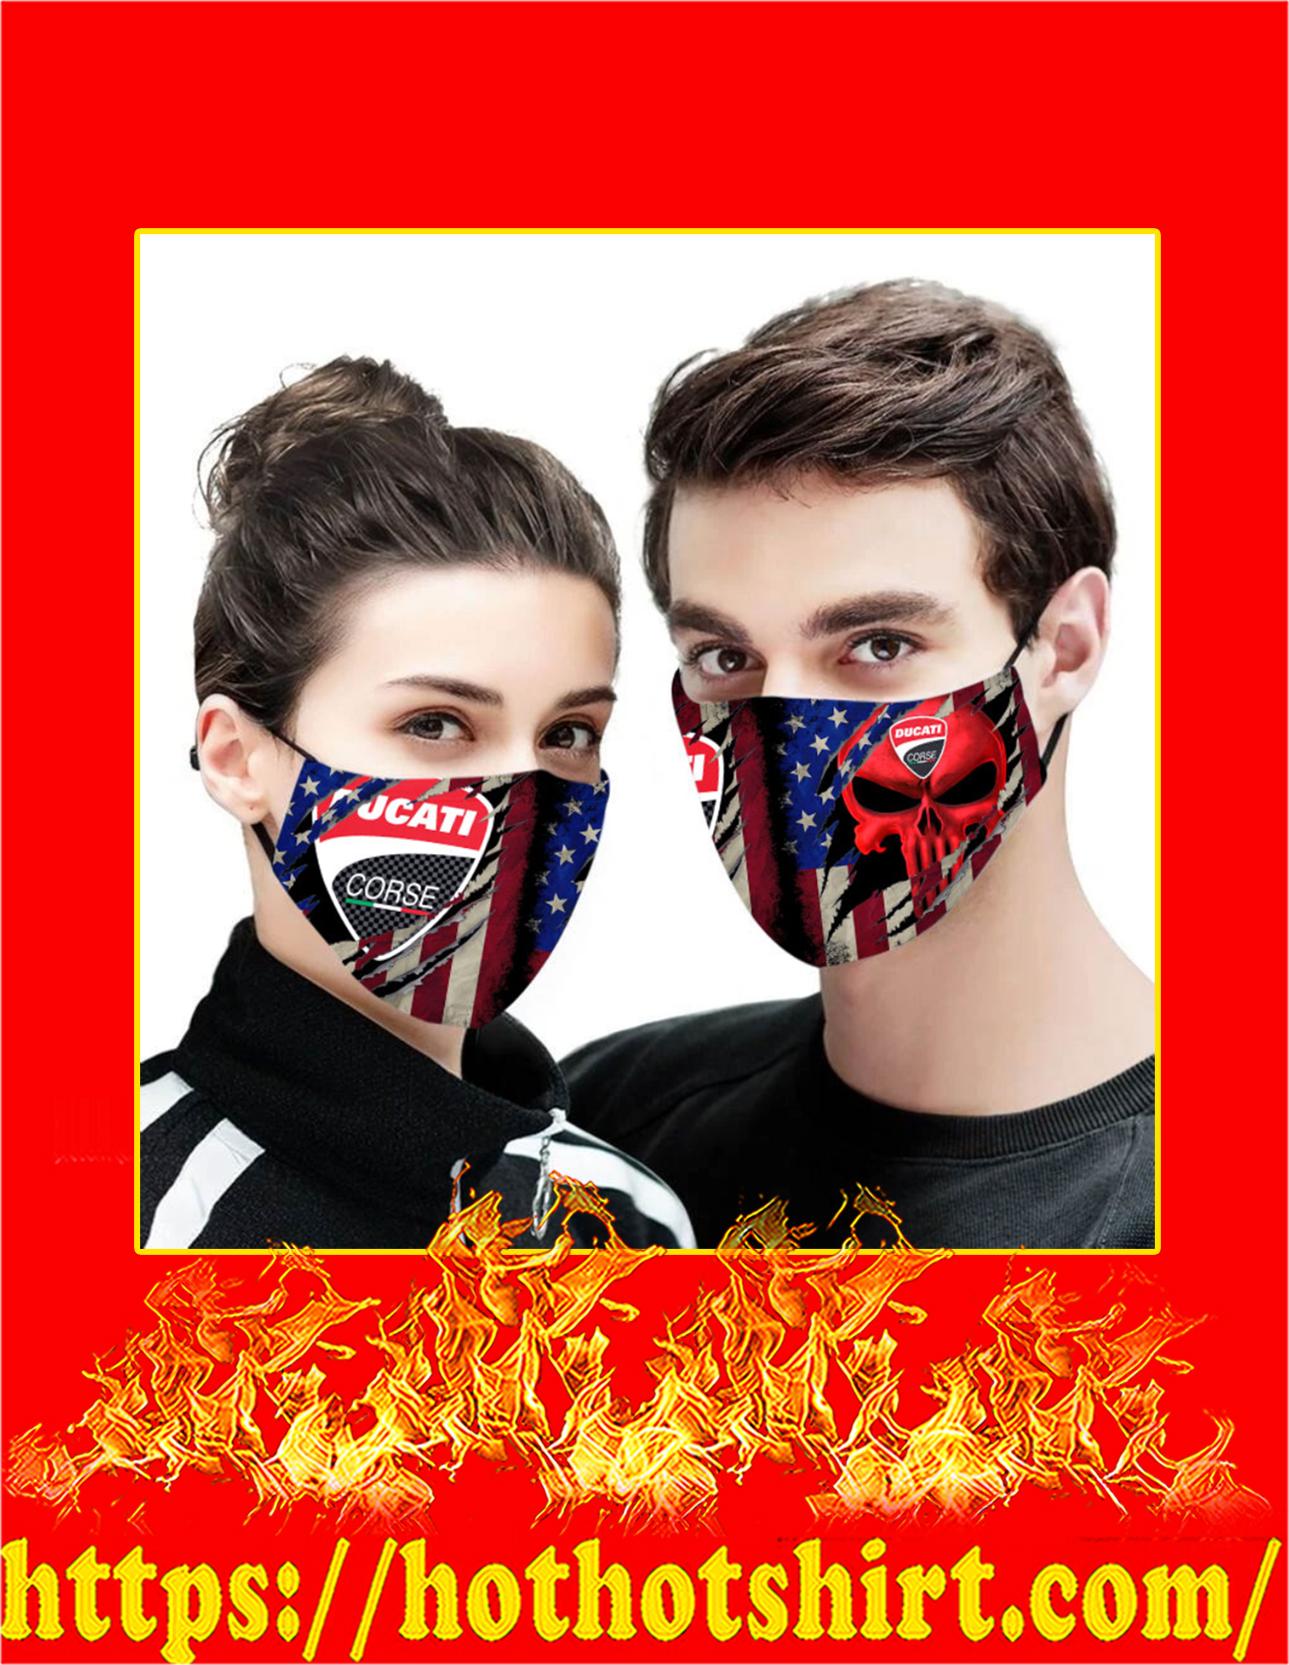 Ducati punisher skull american flag face mask - detail